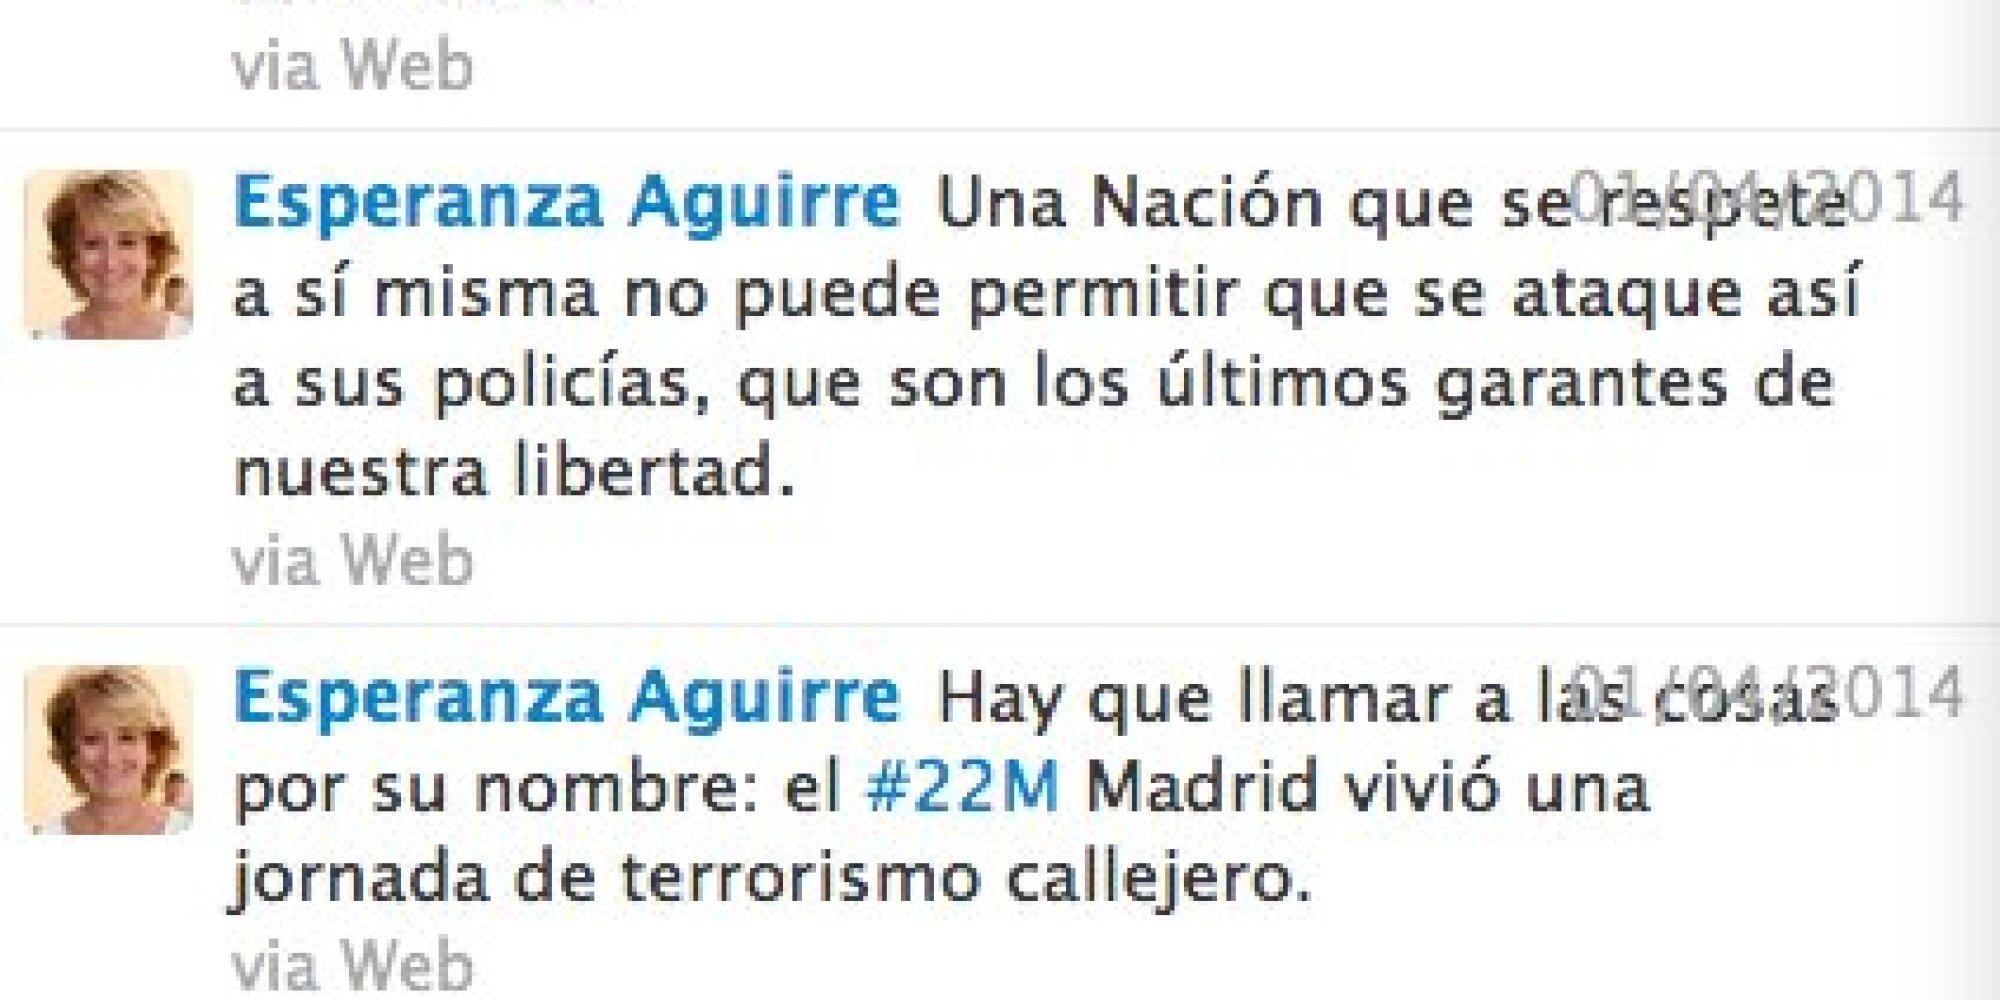 """Breaking news: """"Esperanza Aguirre arrolla la moto de un agente y se da a la fuga"""".. - Página 2 O-ESPERANZA-AGUIRRE-facebook"""